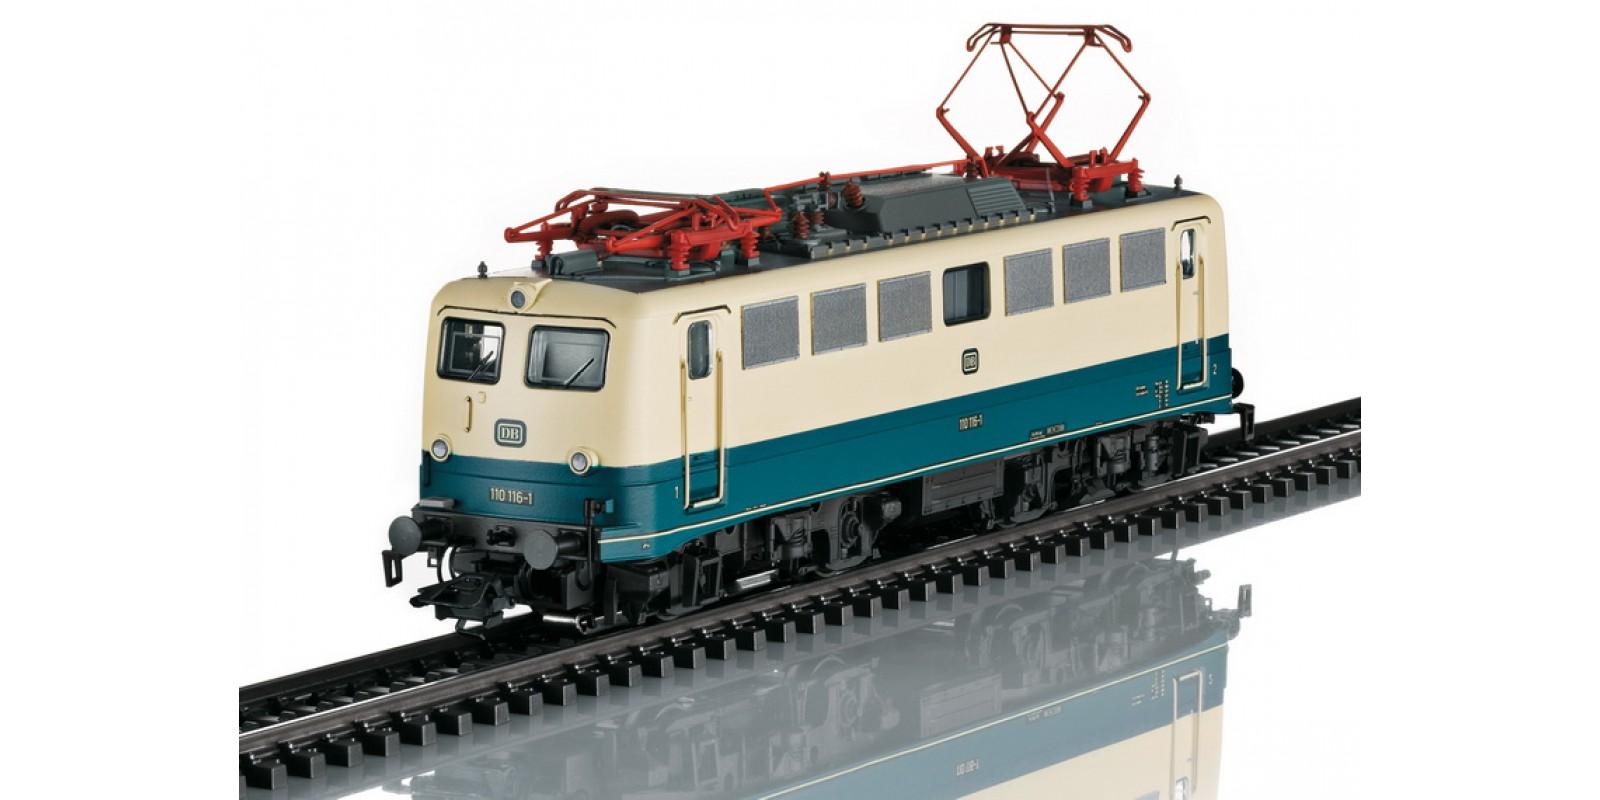 37110 Class 110.1 Electric Locomotive